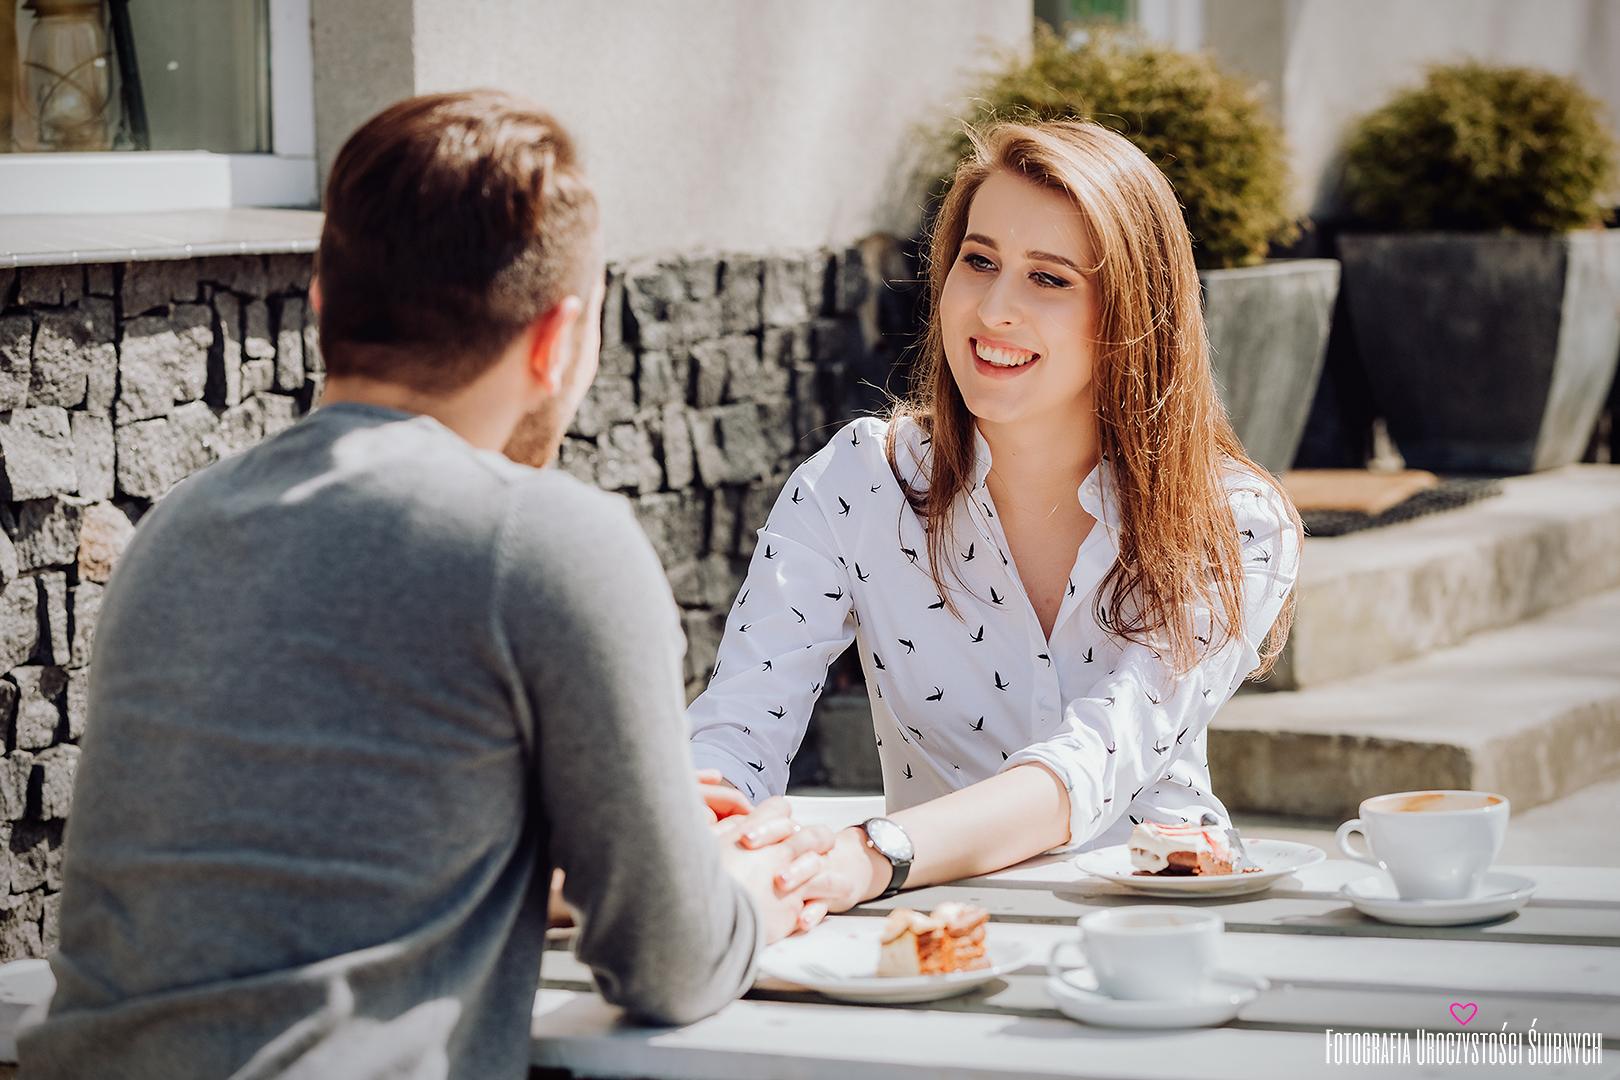 Sesja narzeczeńska Jelenia Góra - kawiarnia Kukutu Cafe. Ola i Łukasz na miejsce swojej sesje narzeczeńskiej wybrali klimatyczną kawiarnię w Jeleniej Górze, gdzie przy pysznej kawie miałam przyjemność wykonać dla nich sesję narzeczeńską.